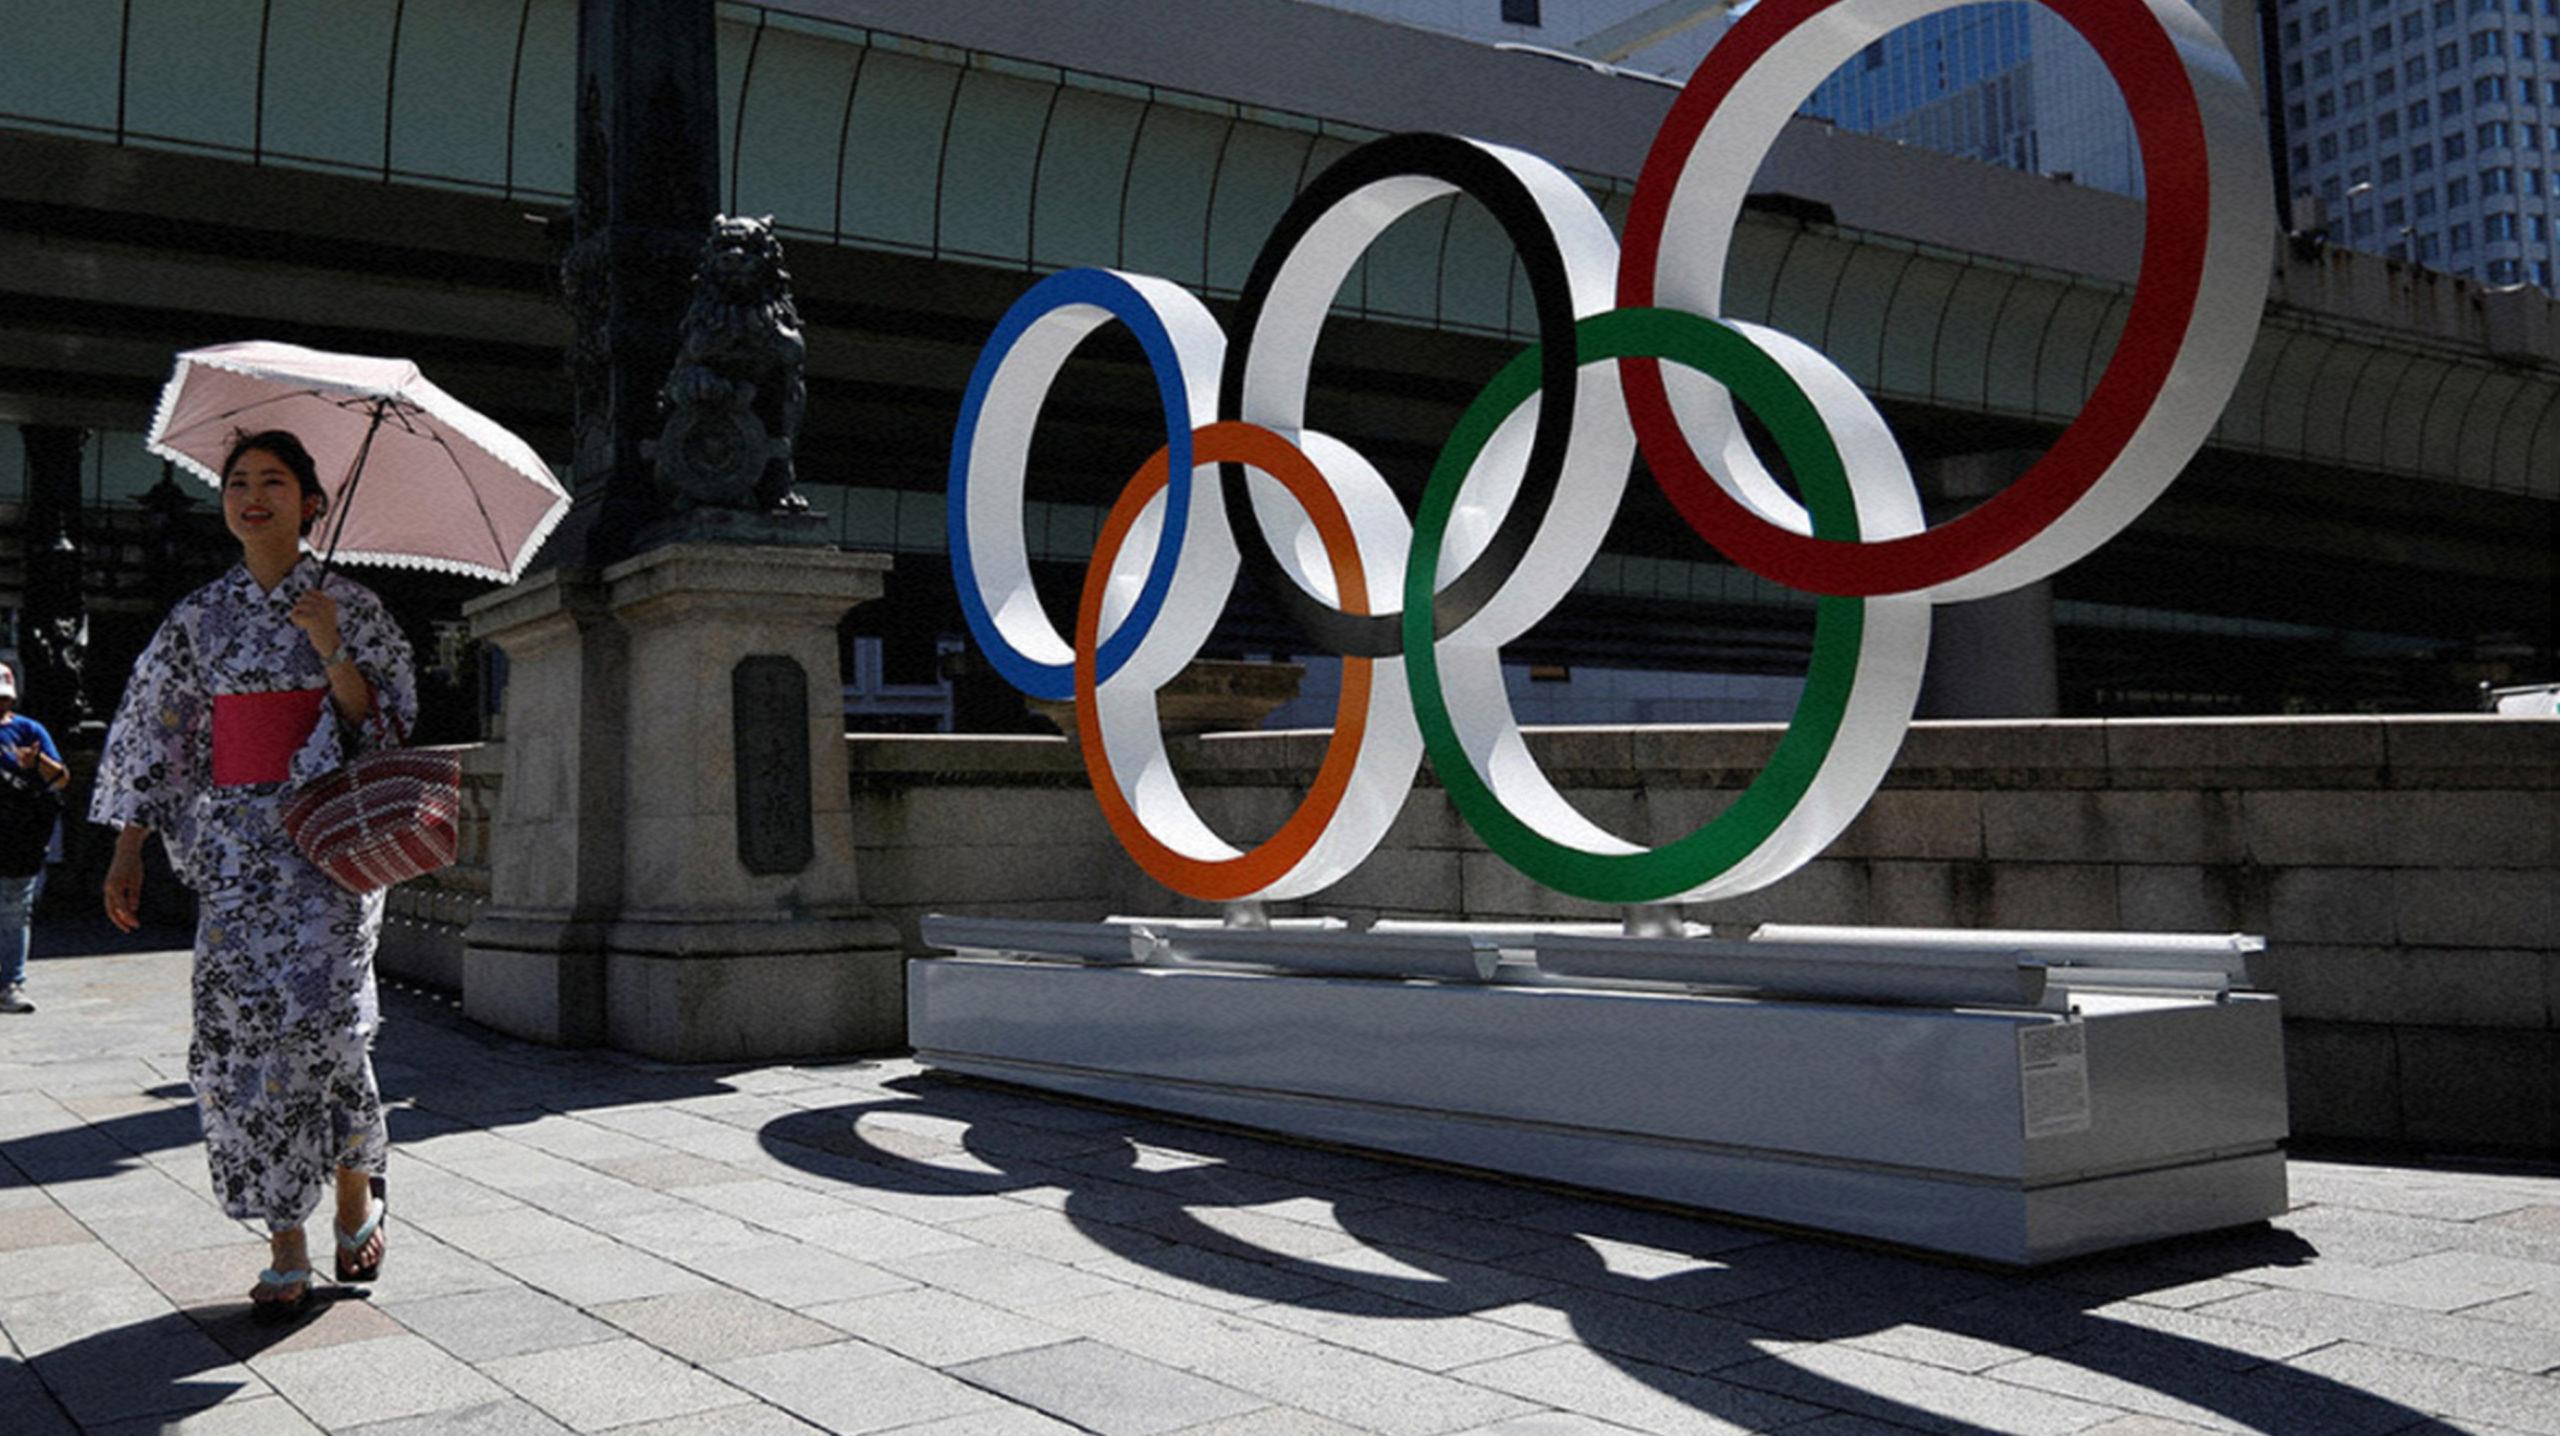 25 июля на Олимпиаде в Токио разыграют 18 комплектов медалей